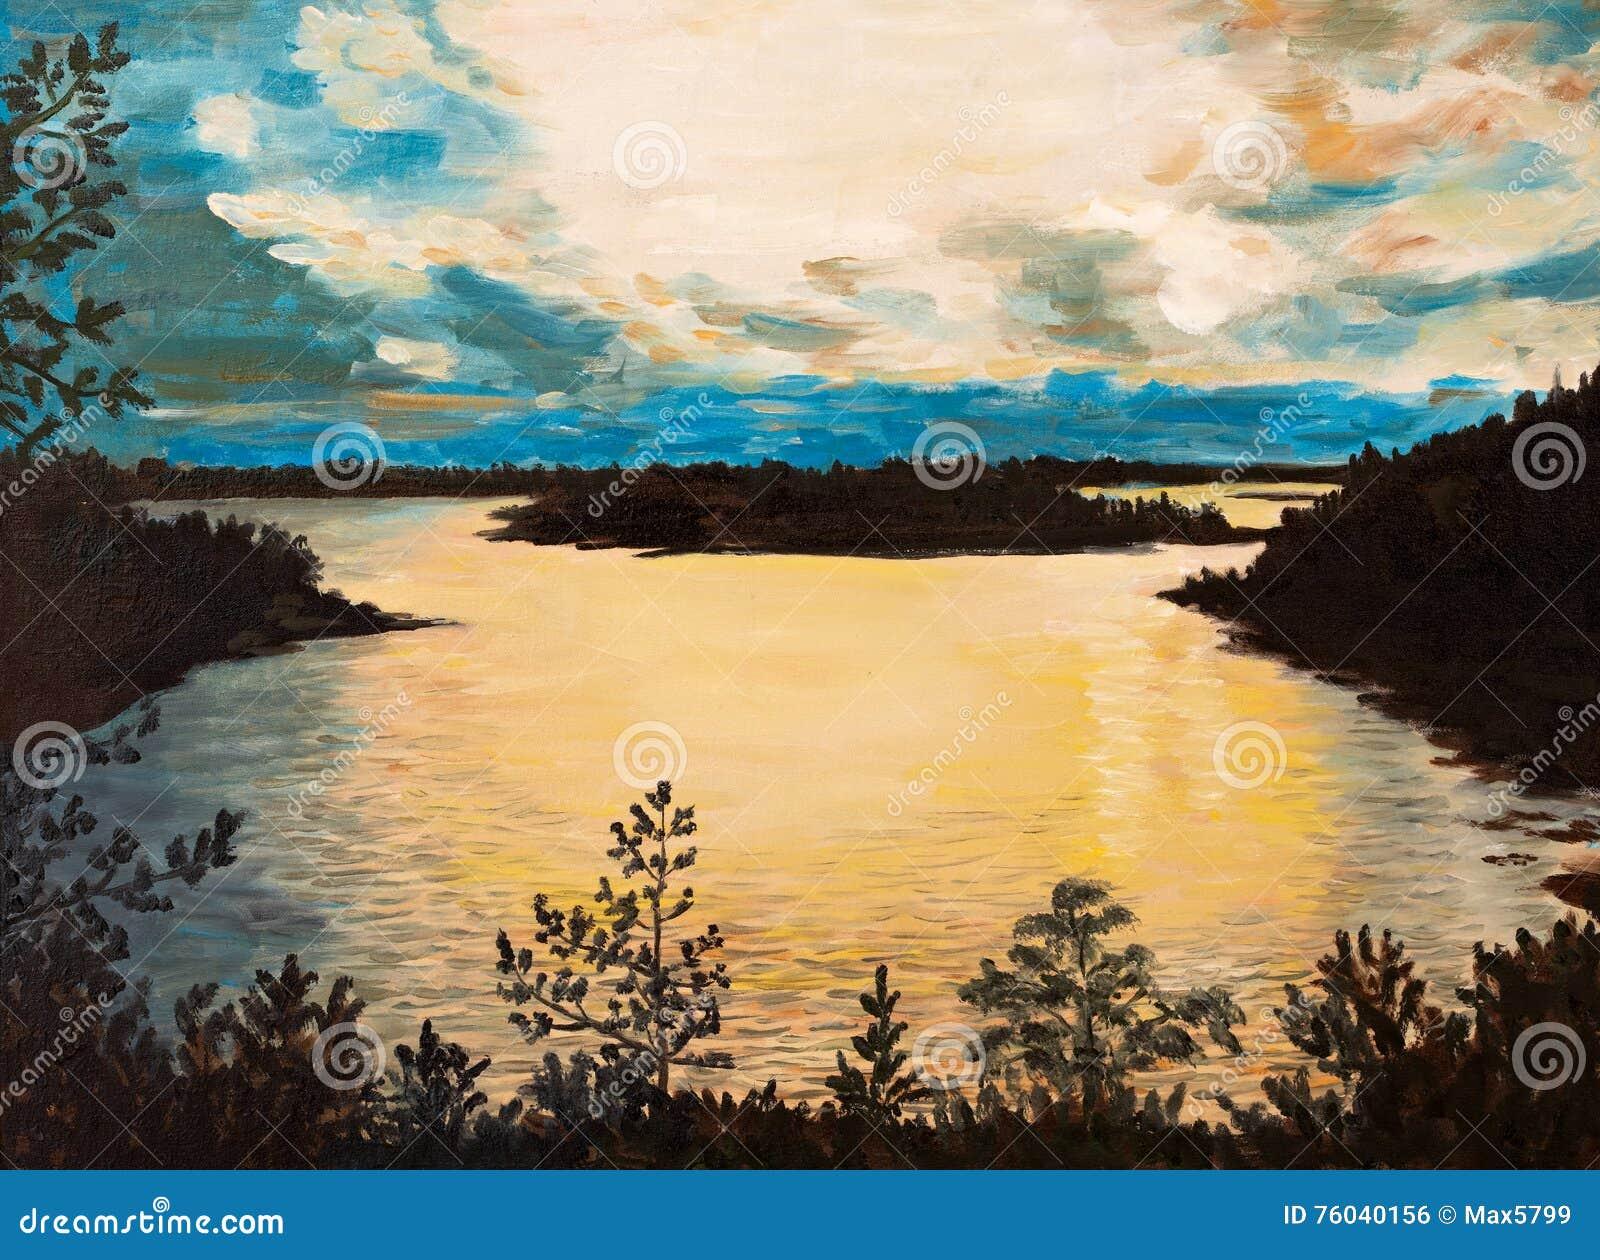 Pittura a olio su tela tramonto sul lago disegno for Lago disegno